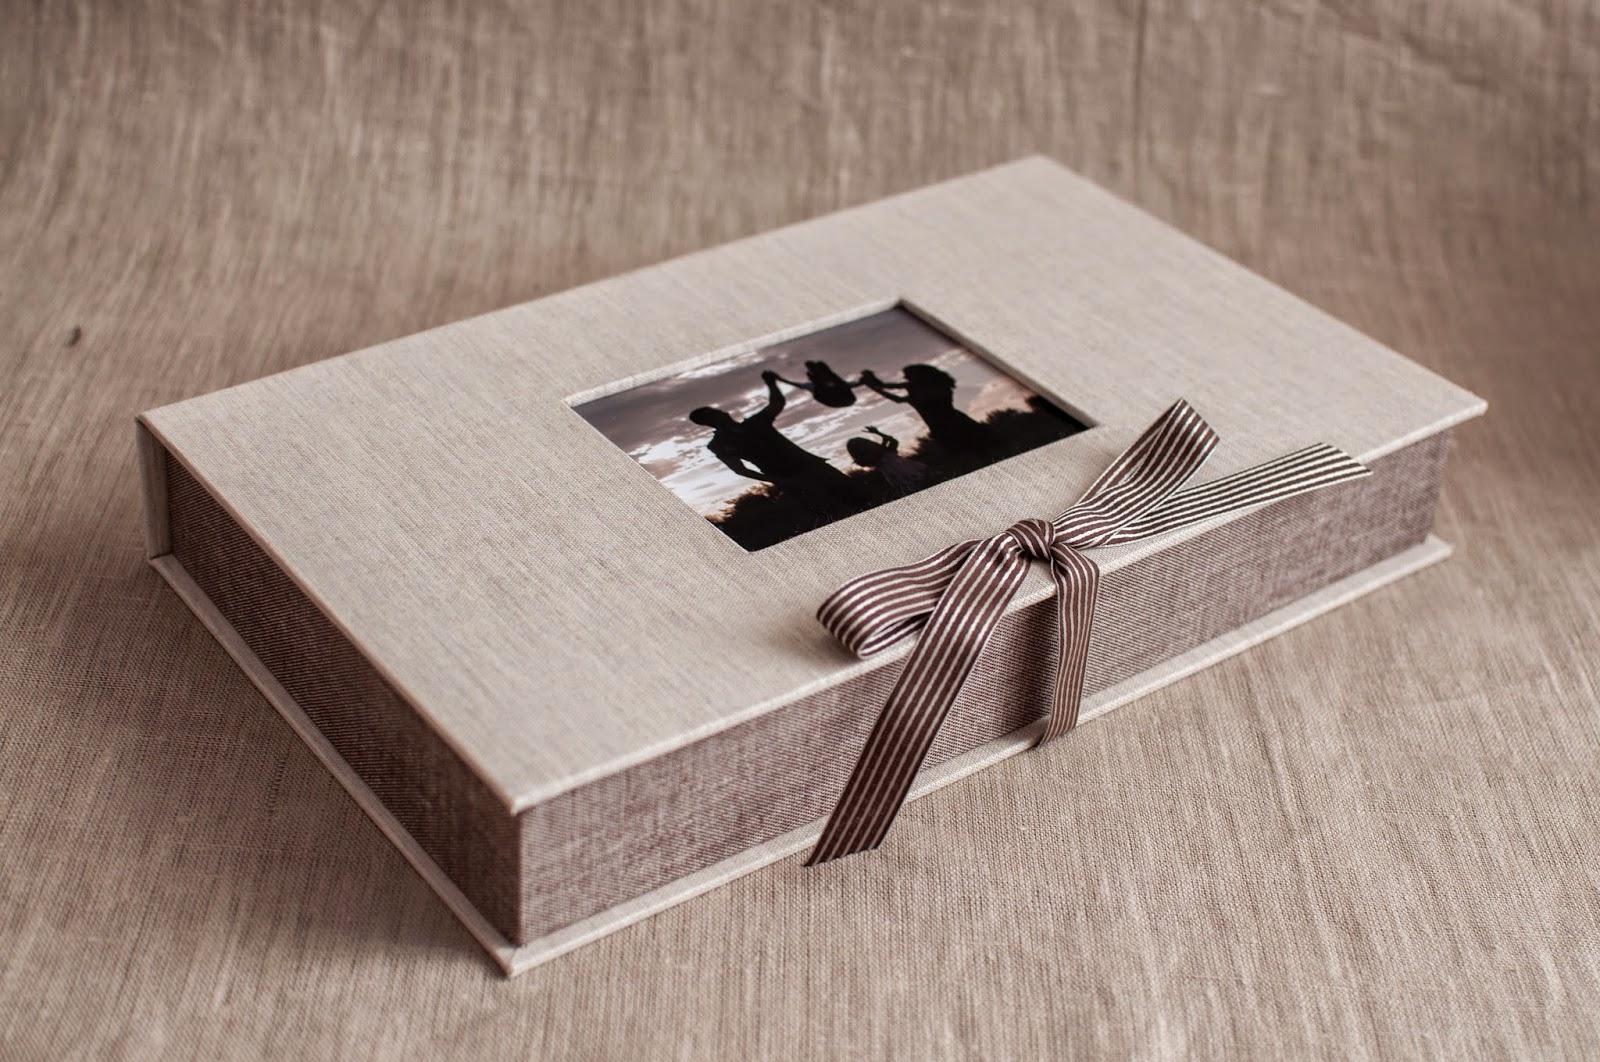 Carolicia cartonaje caja para fotograf as sueltas - Cajas para fotografos ...